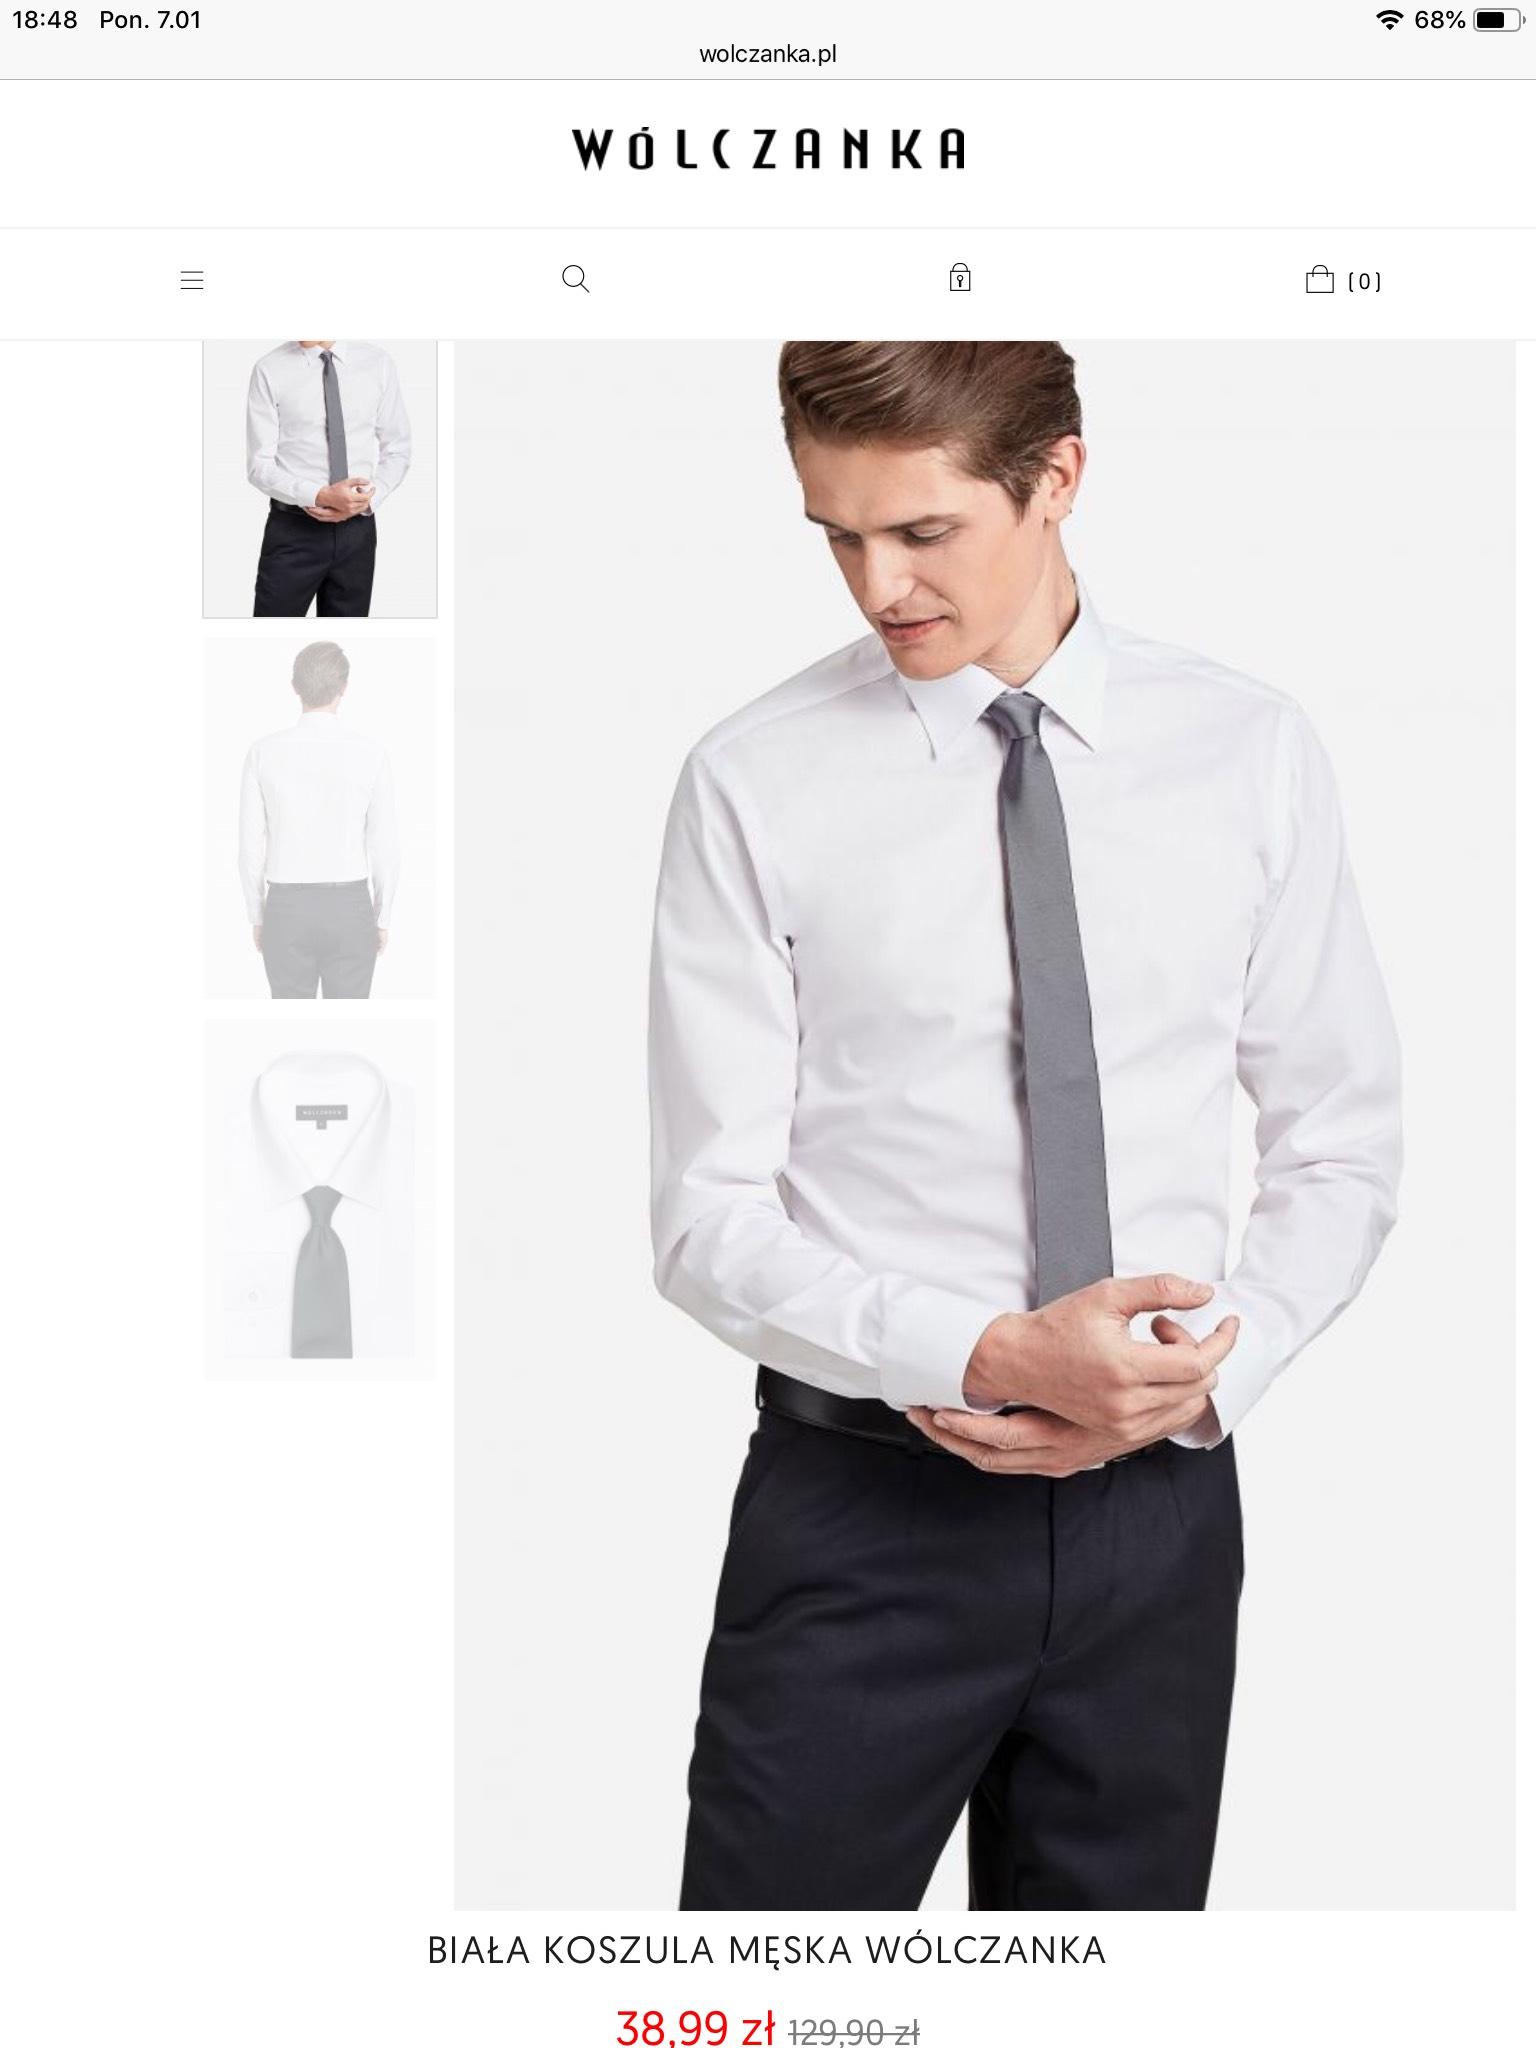 Koszula Wólczanka biała i nie tylko! Dodatkowo swetry, muchy, krawaty i damskie koszulę